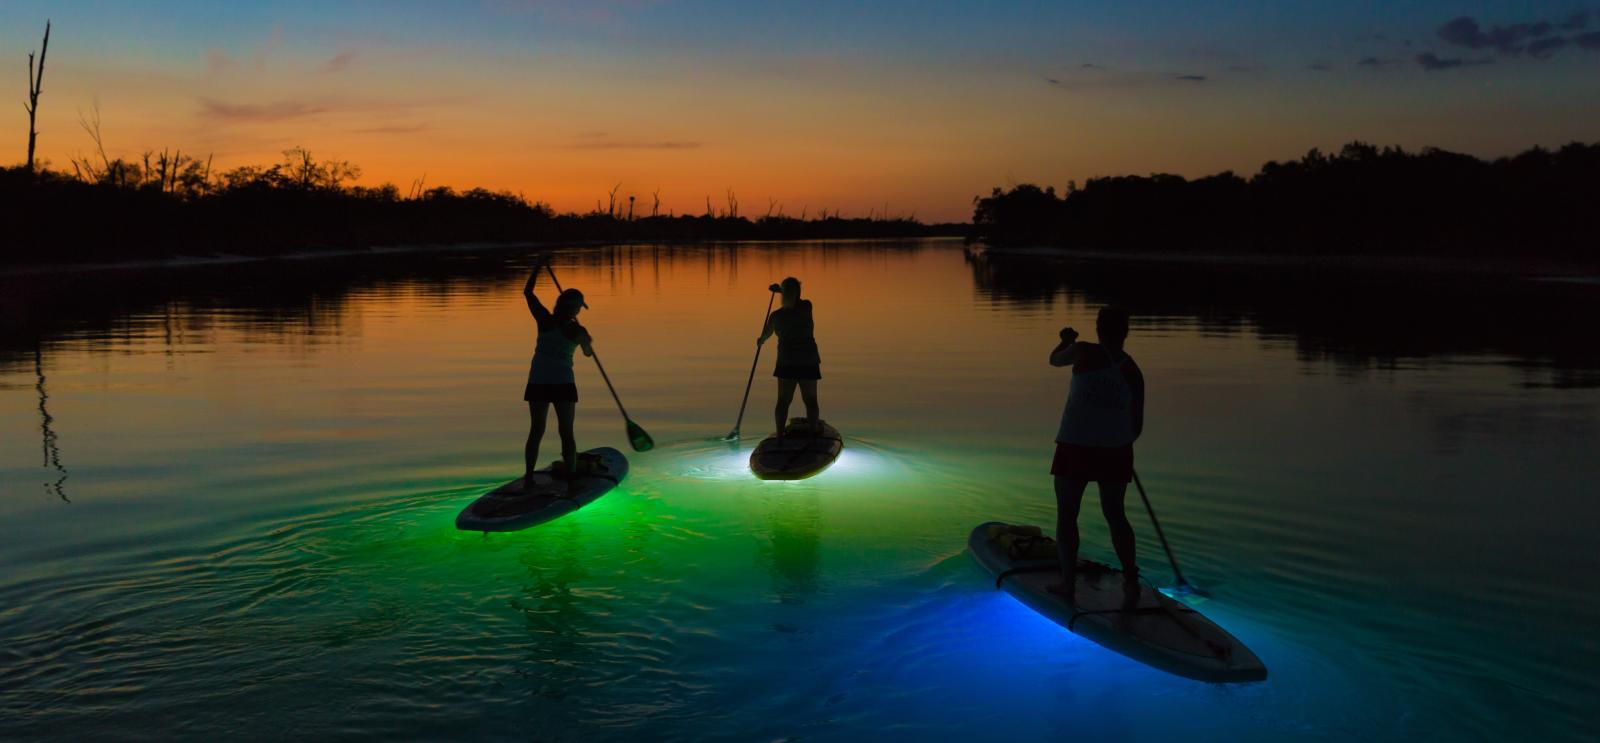 Lighted Night SUP